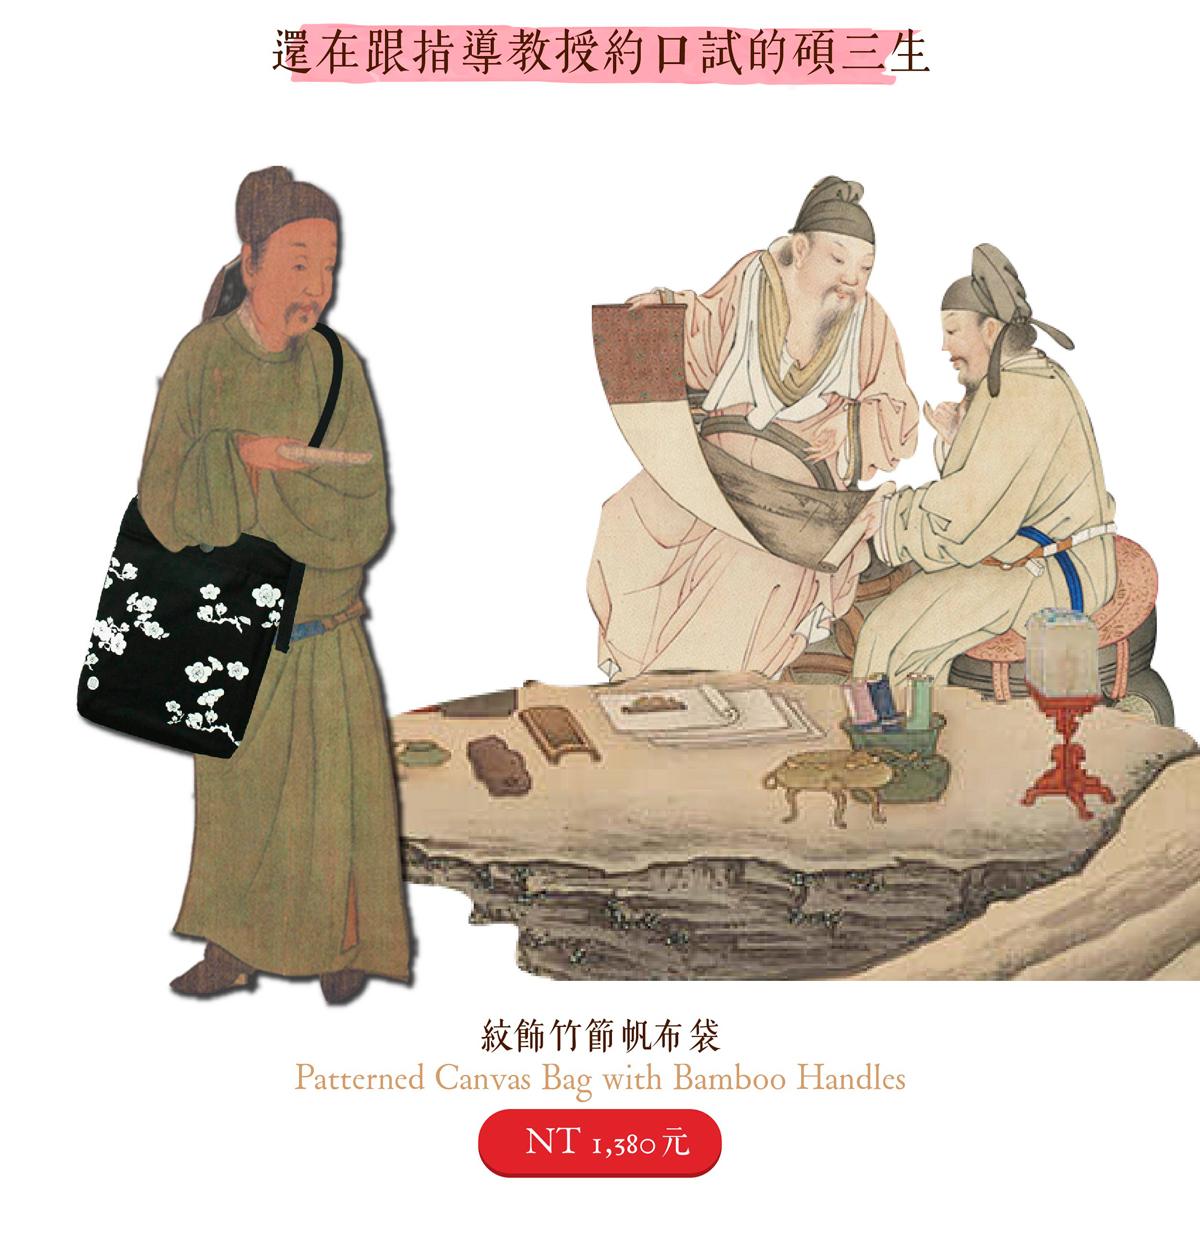 紋飾竹節帆布袋 Patterned Canvas Bag with Bamboo Handles